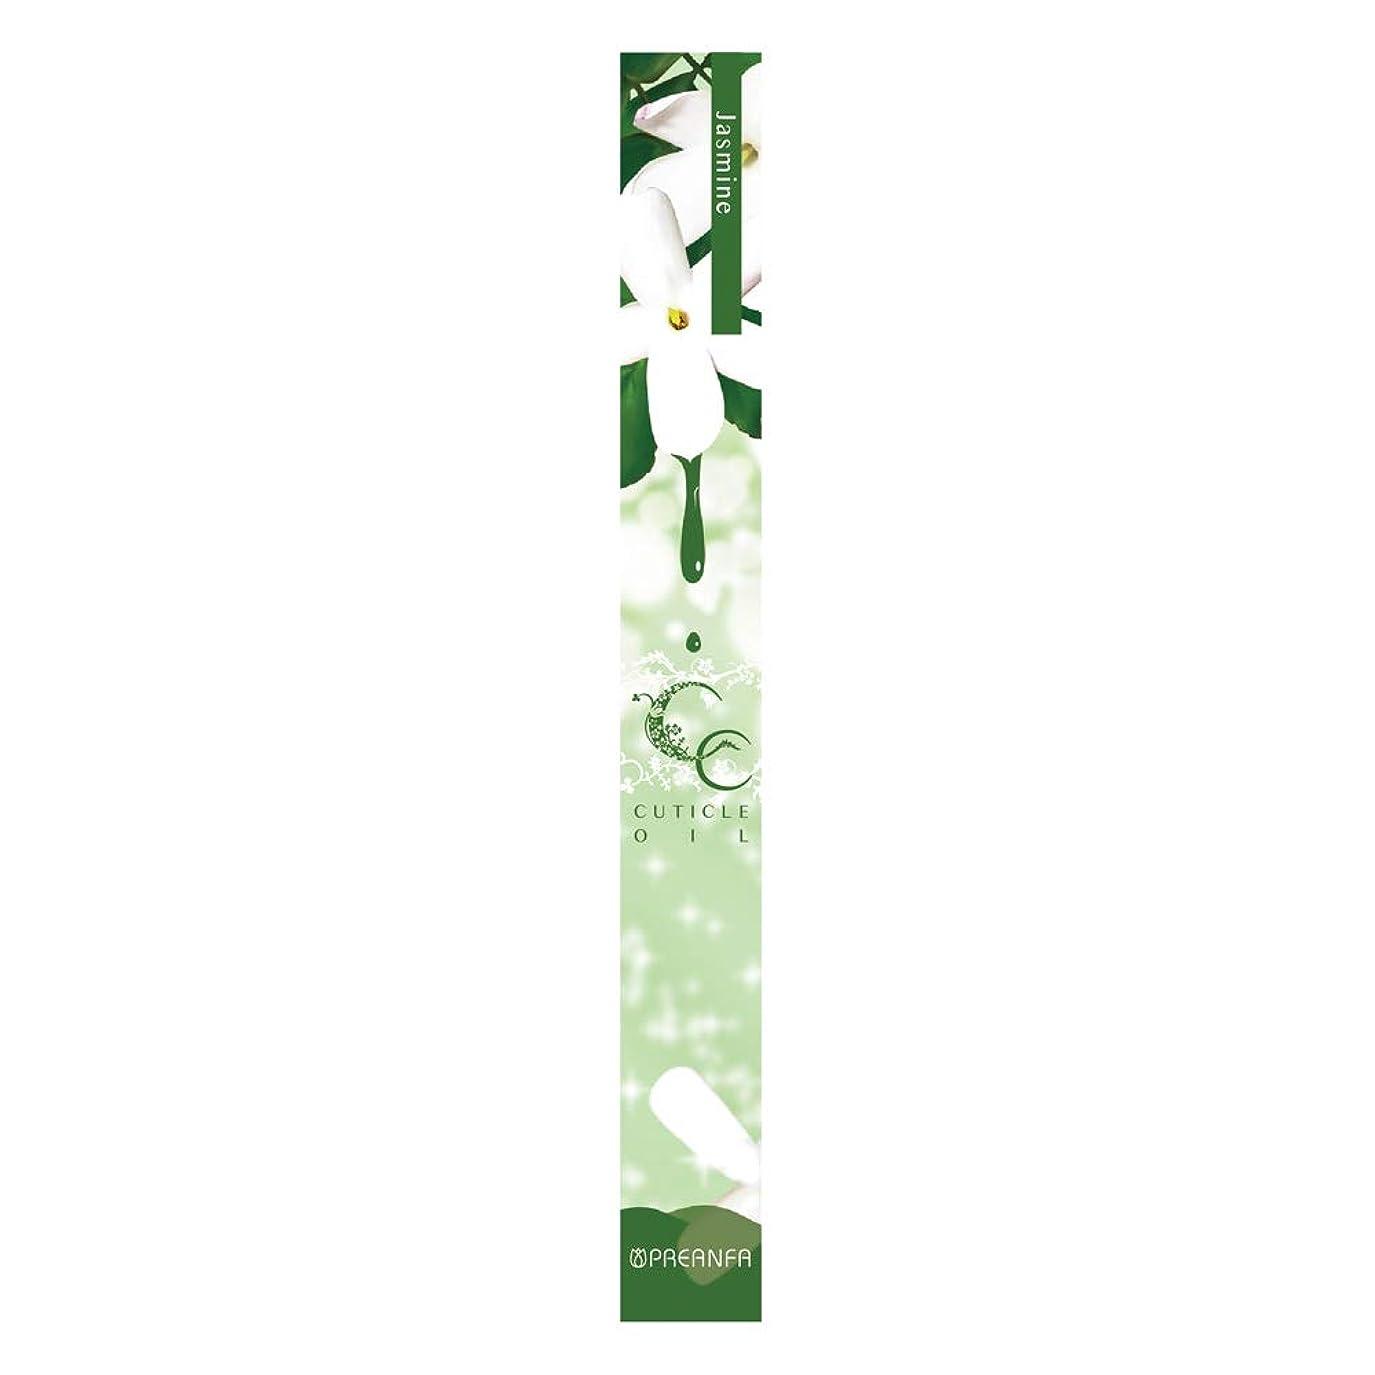 ダイバー広がり市民プリジェル 甘皮ケア CCキューティクルオイル ジャスミン 4.5g  保湿オイル ペンタイプ